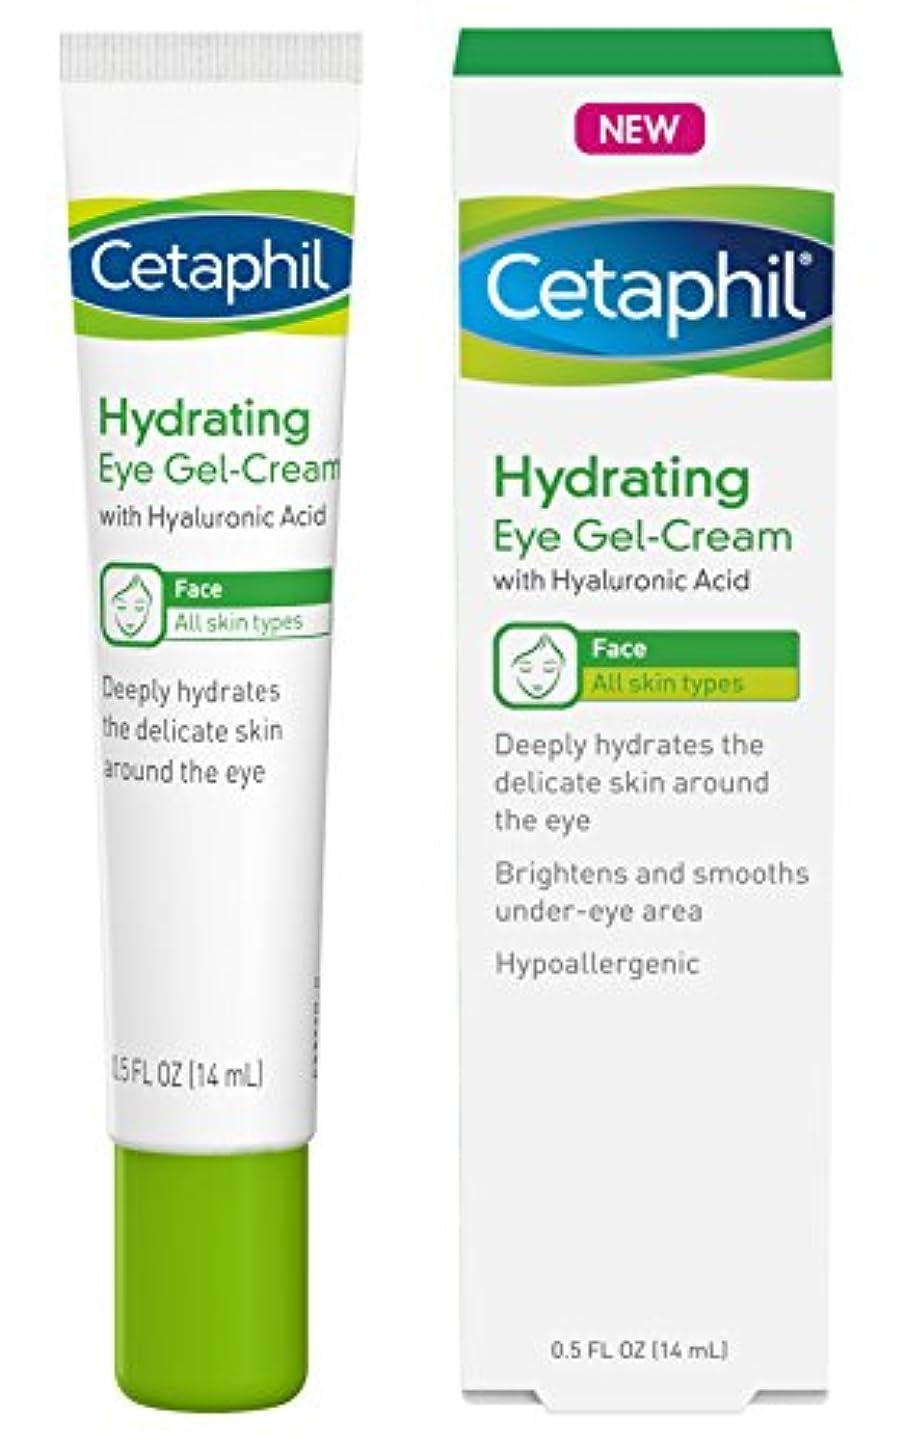 いらいらするそれに応じて人Cetaphil ヒアルロン酸とアイジェルクリームを水和 - 設計さに深く水和物、ブライトン&アンダーアイエリアスムーズ - オールスキンタイプ - 低刺激性&敏感肌に適し - 0.5フロリダ。オズ